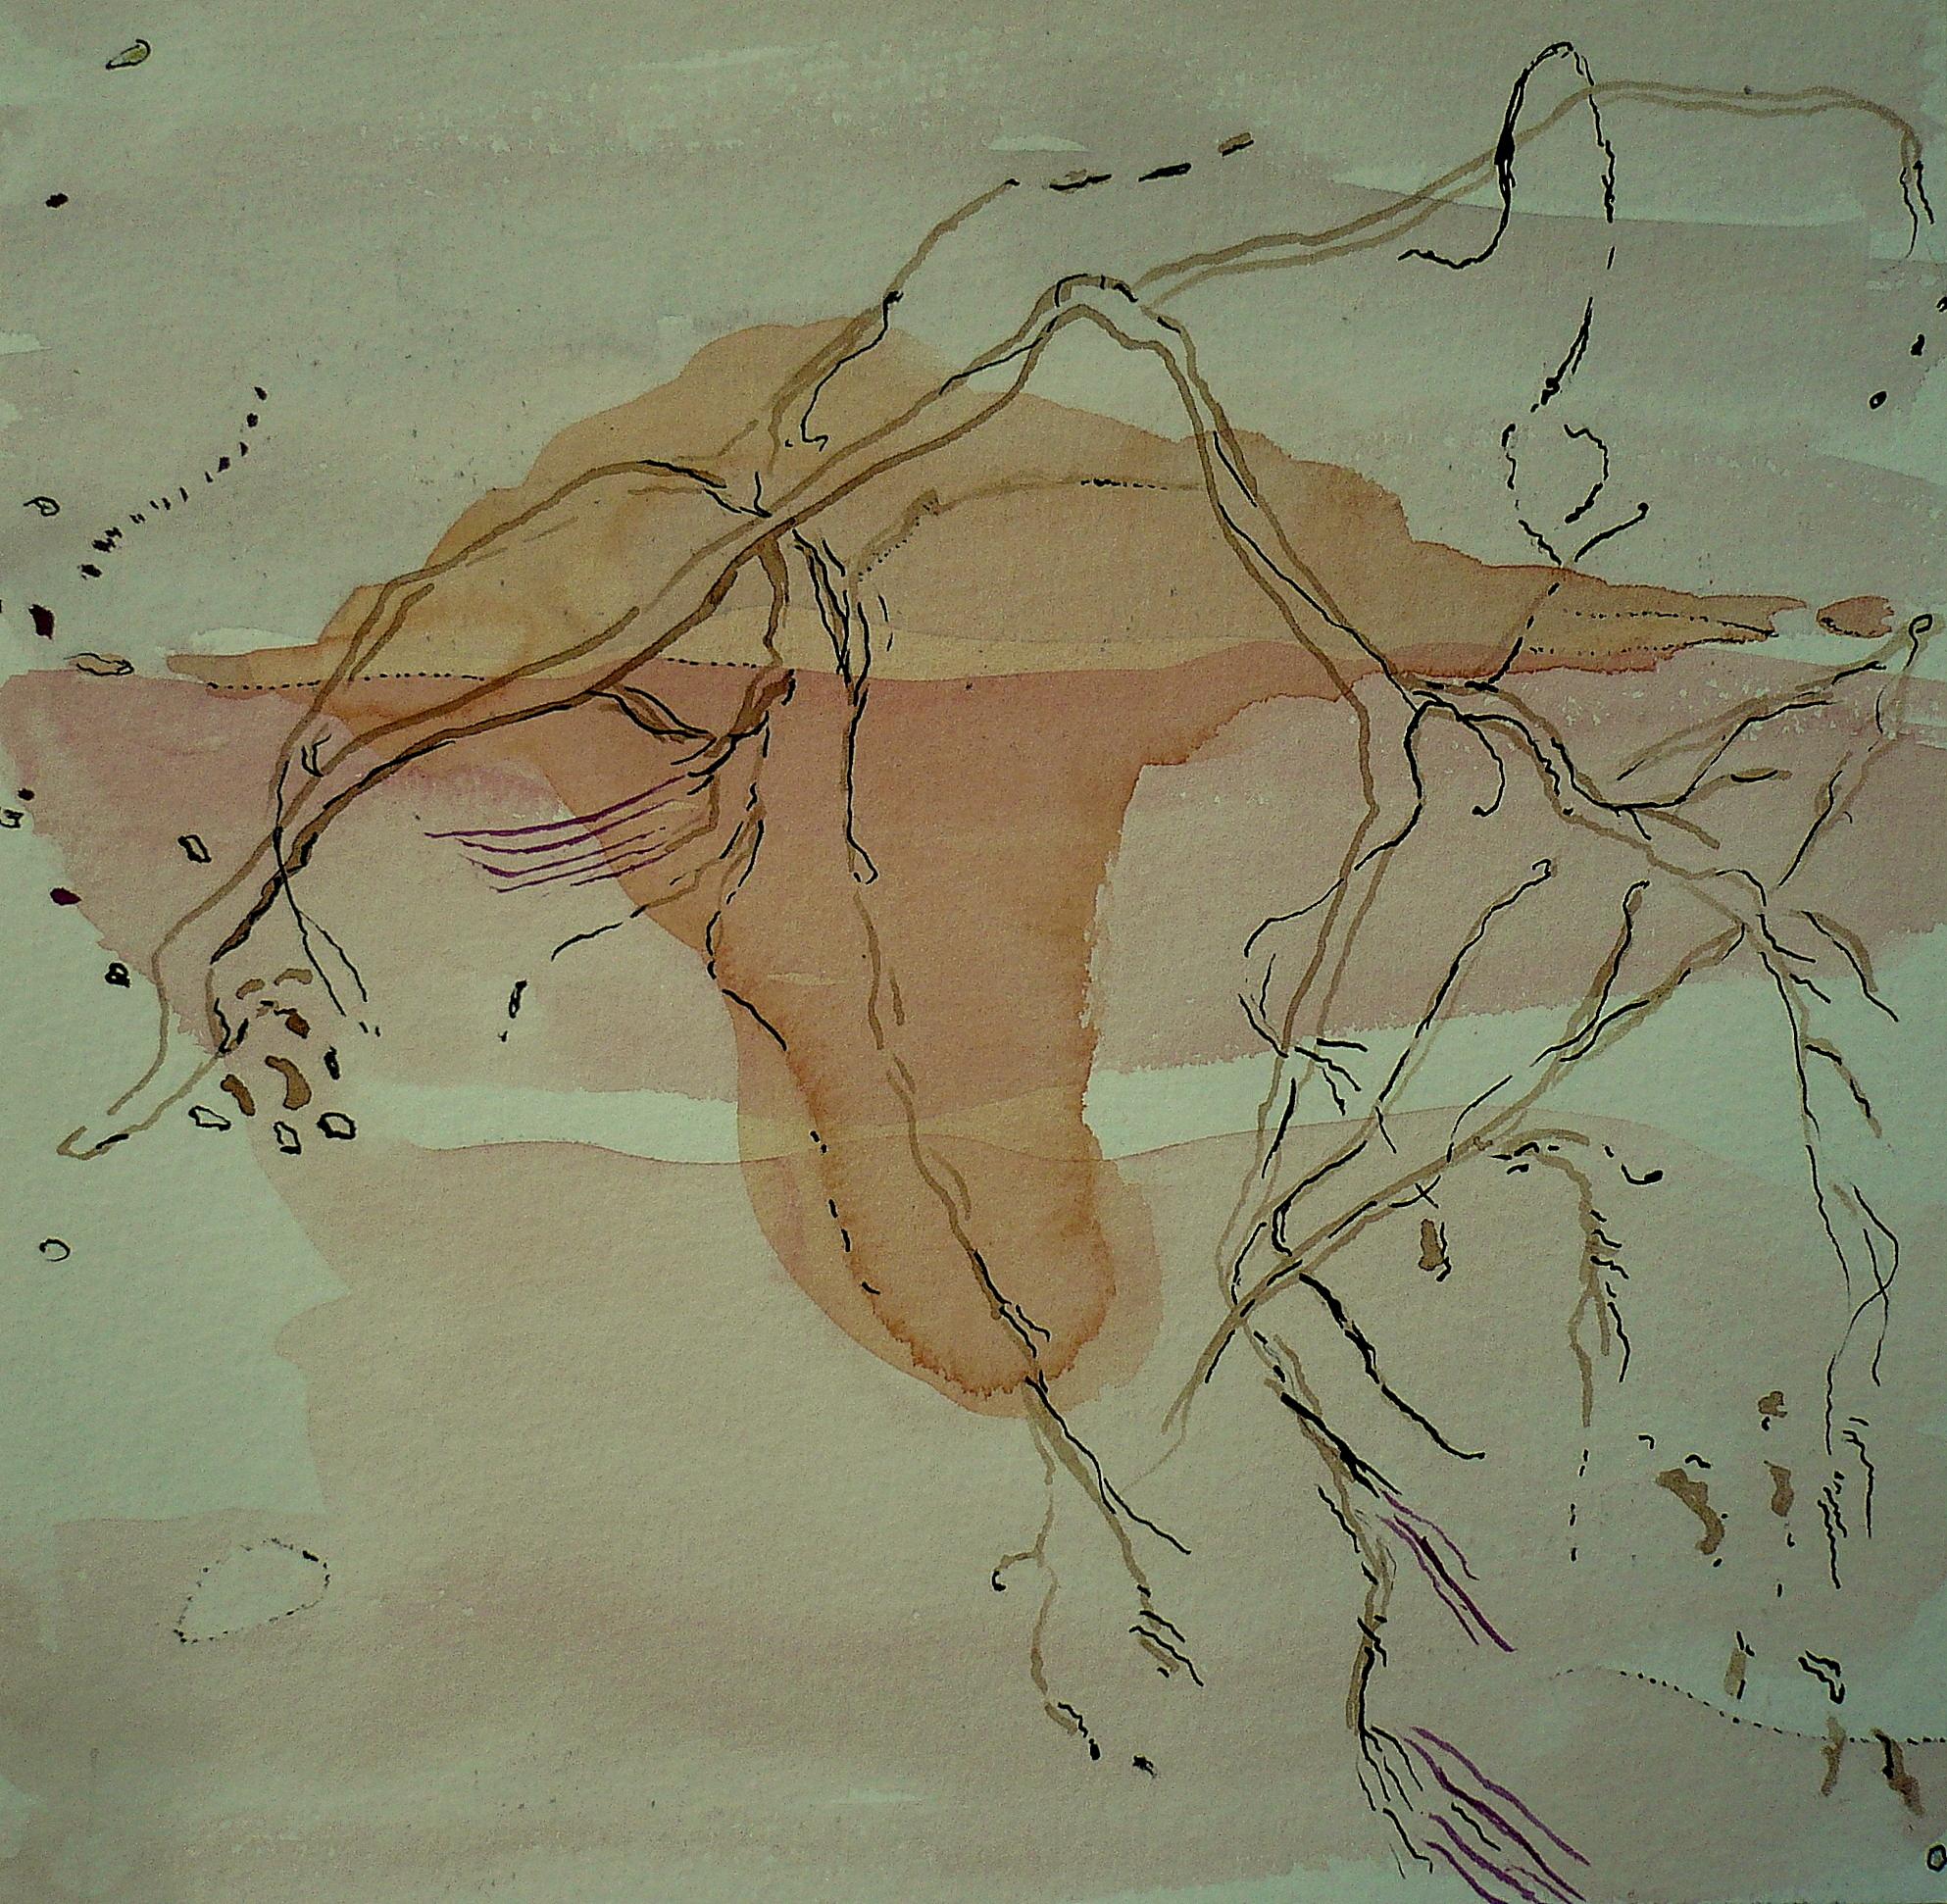 carita-savolainen-memoire-de-leau-ii-landscape-is-singing-aquarelle-et-encre-sur-papier-canson-20cm-x-20cm-2019-